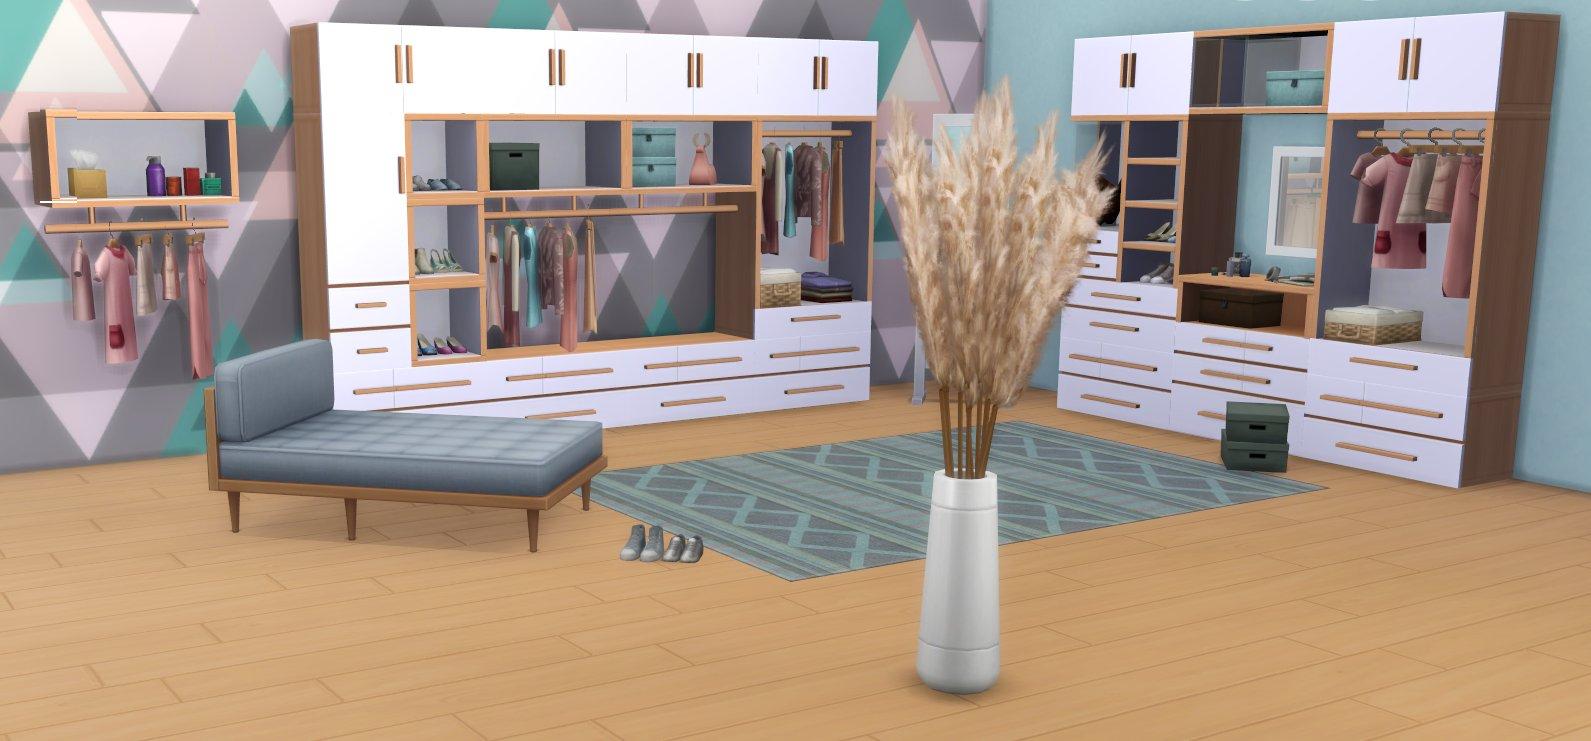 Review | The Sims 4 Decoração dos Sonhos traz uma interessante profissão ao jogo 2